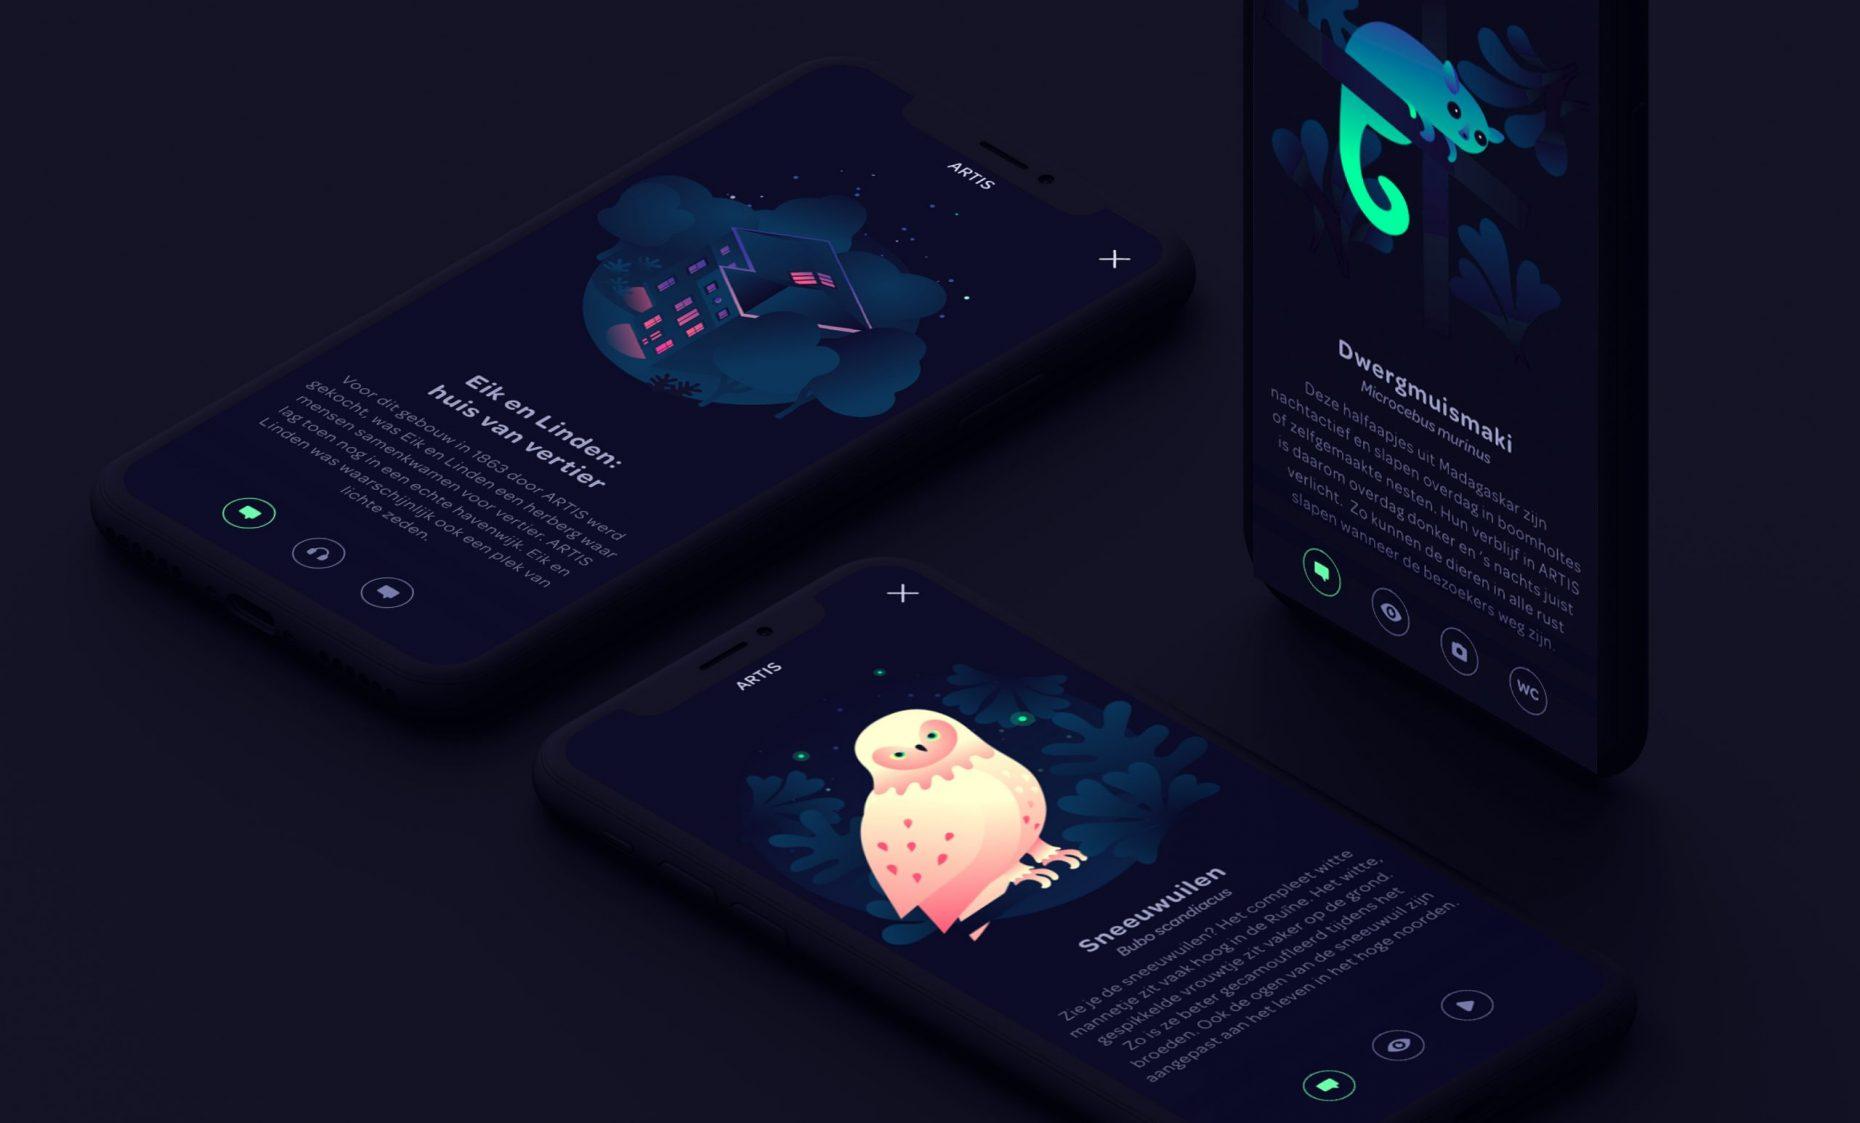 ARTIS in het donker UI ontwerp